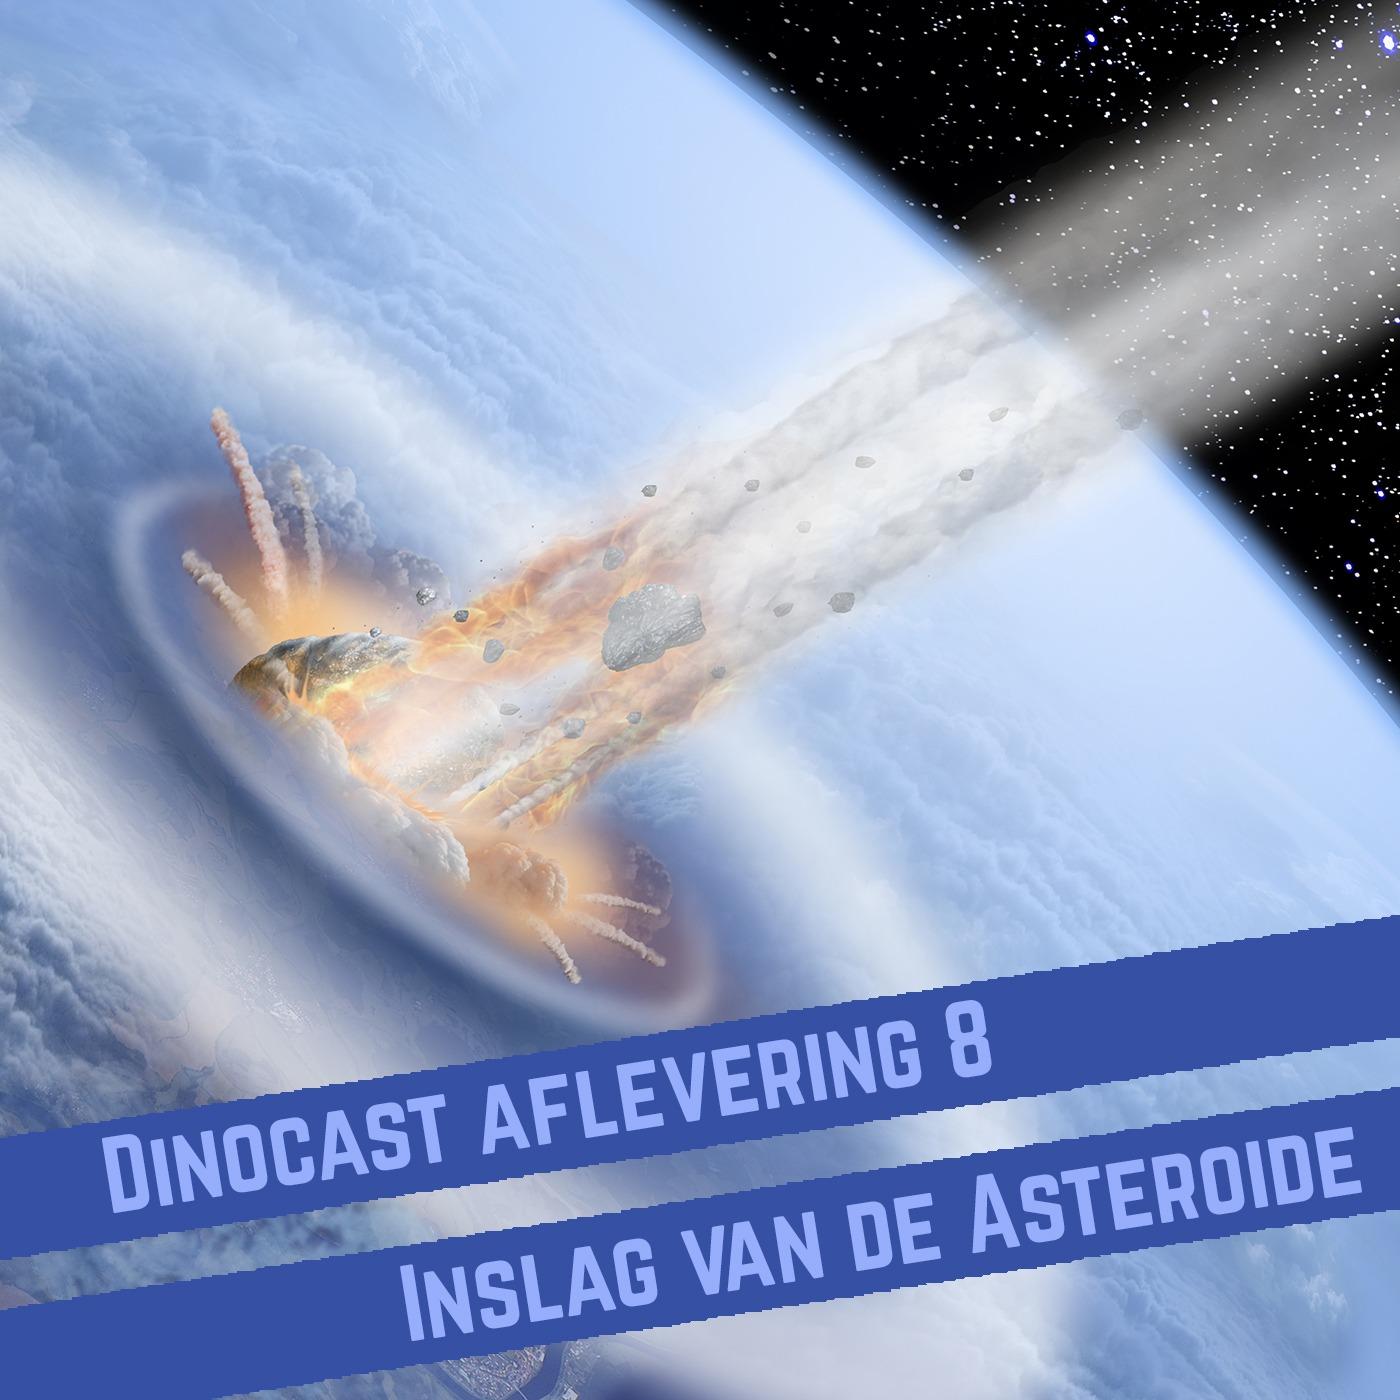 8. Inslag van de Asteroïde: 'hel op aarde'